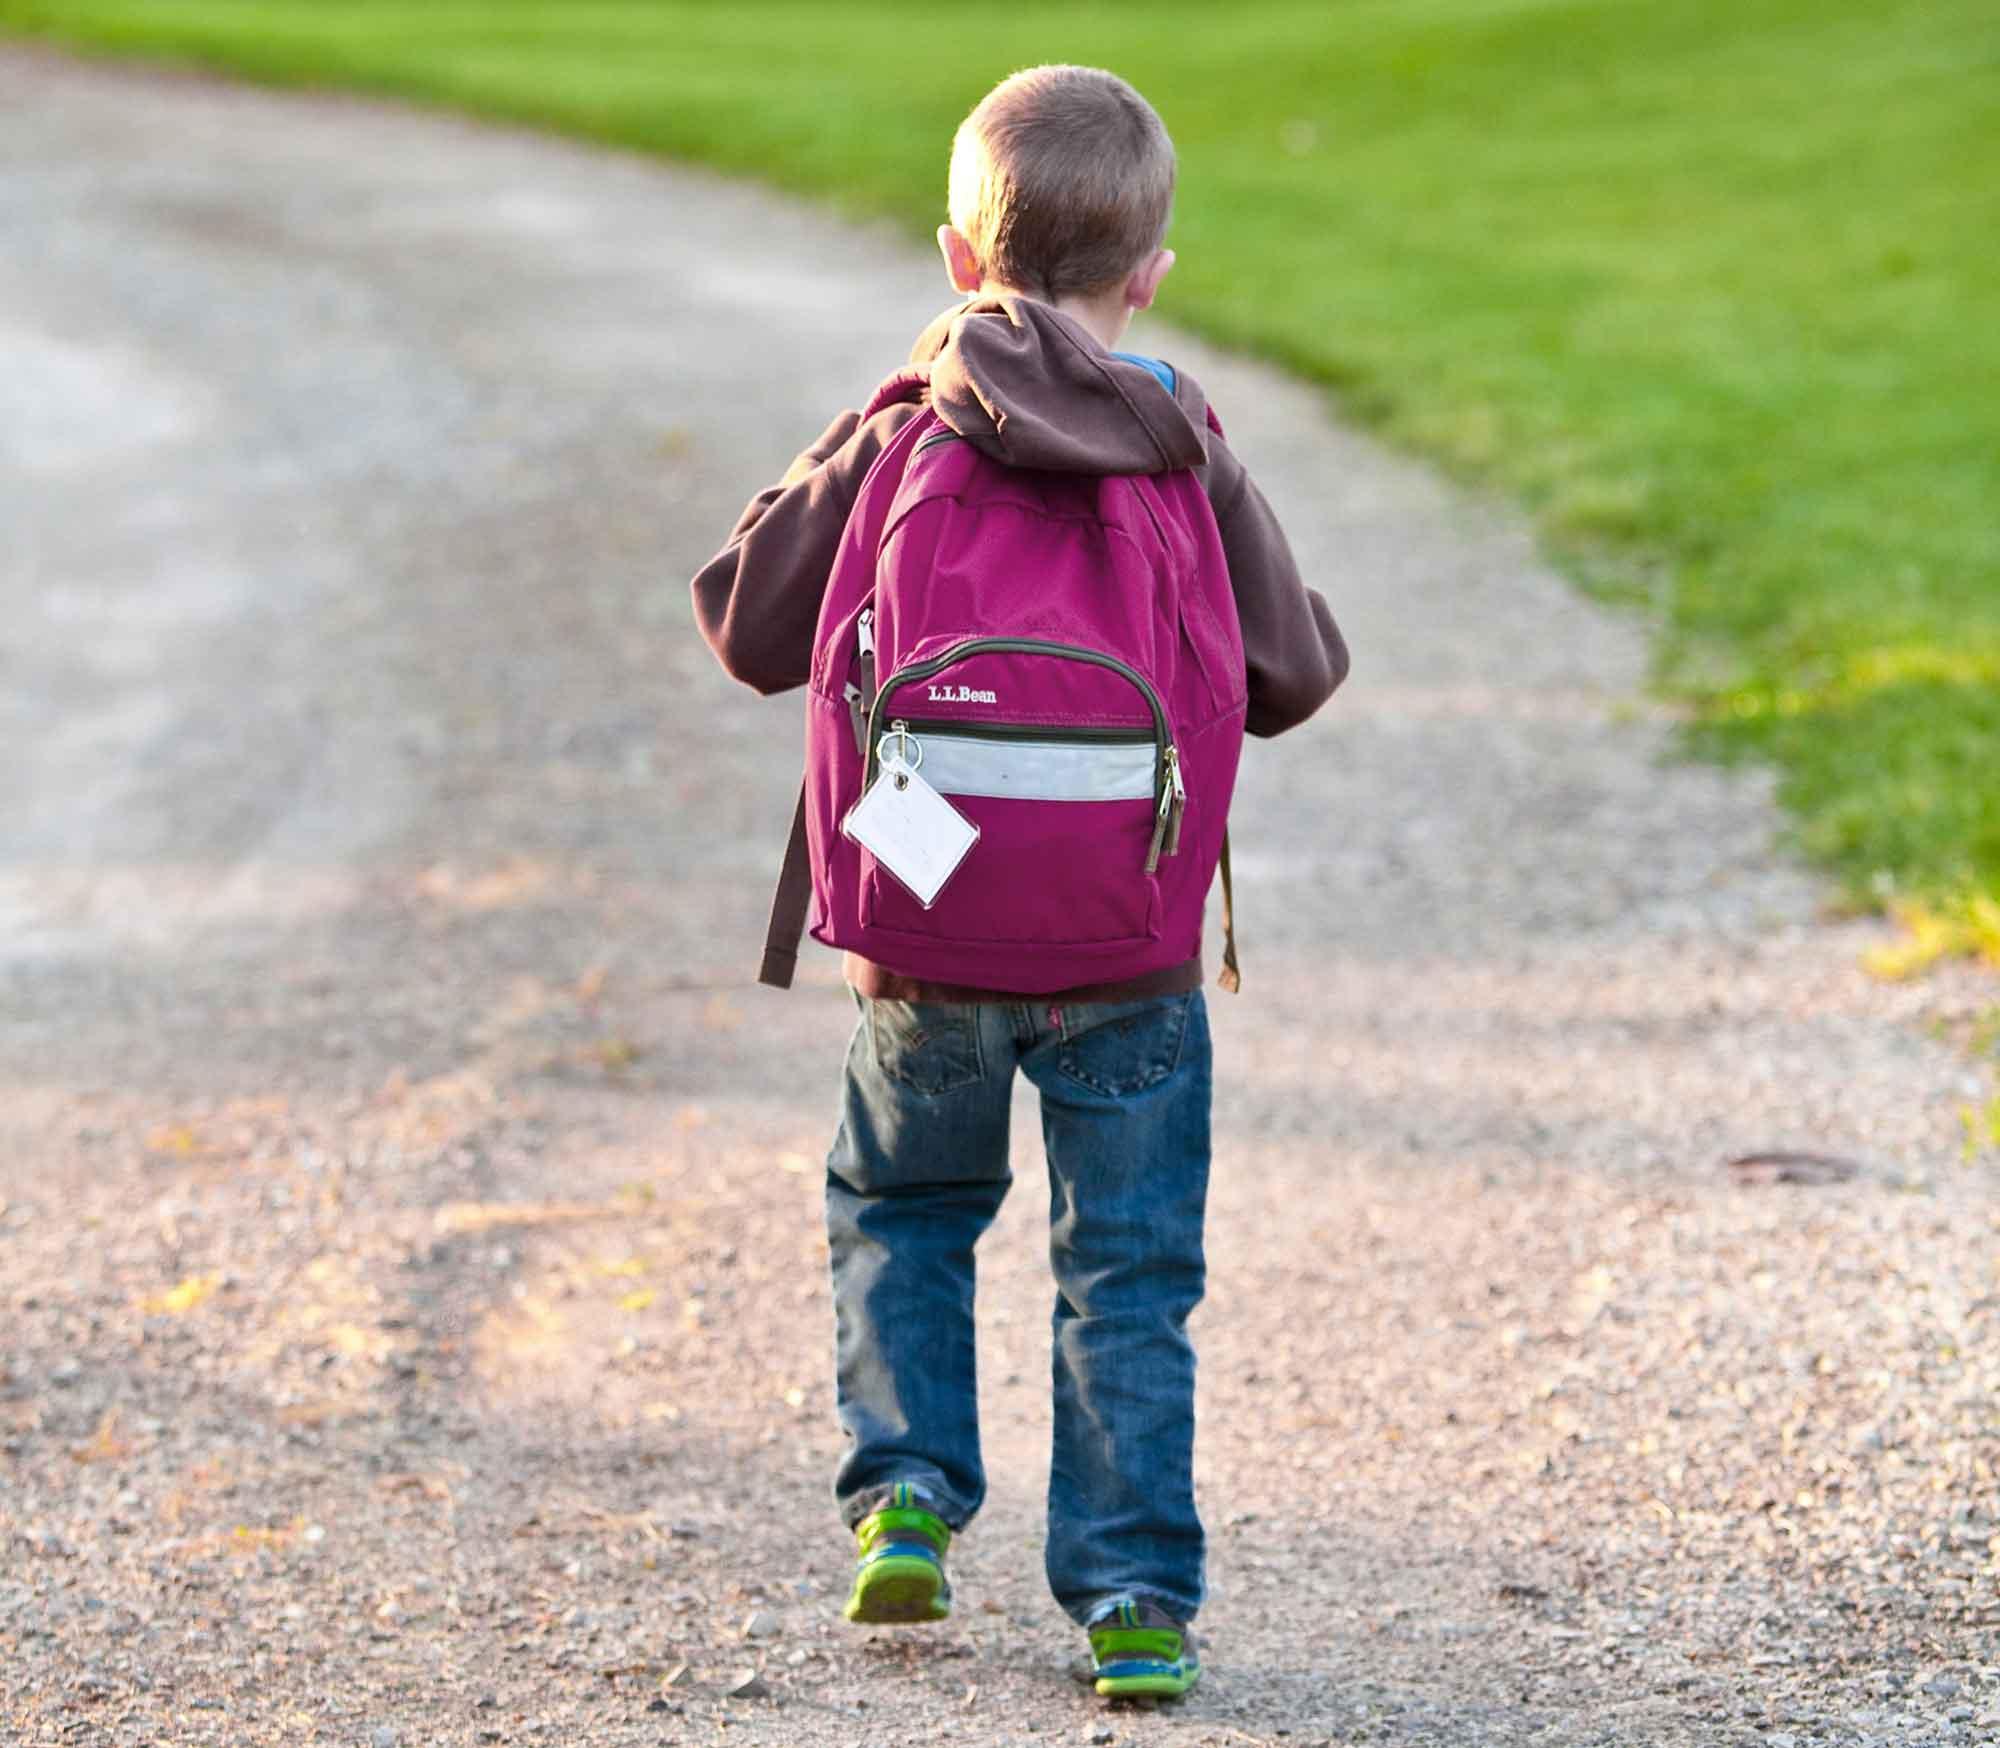 Schulweg: Tipps und Ideen für den sicheren Schulweg